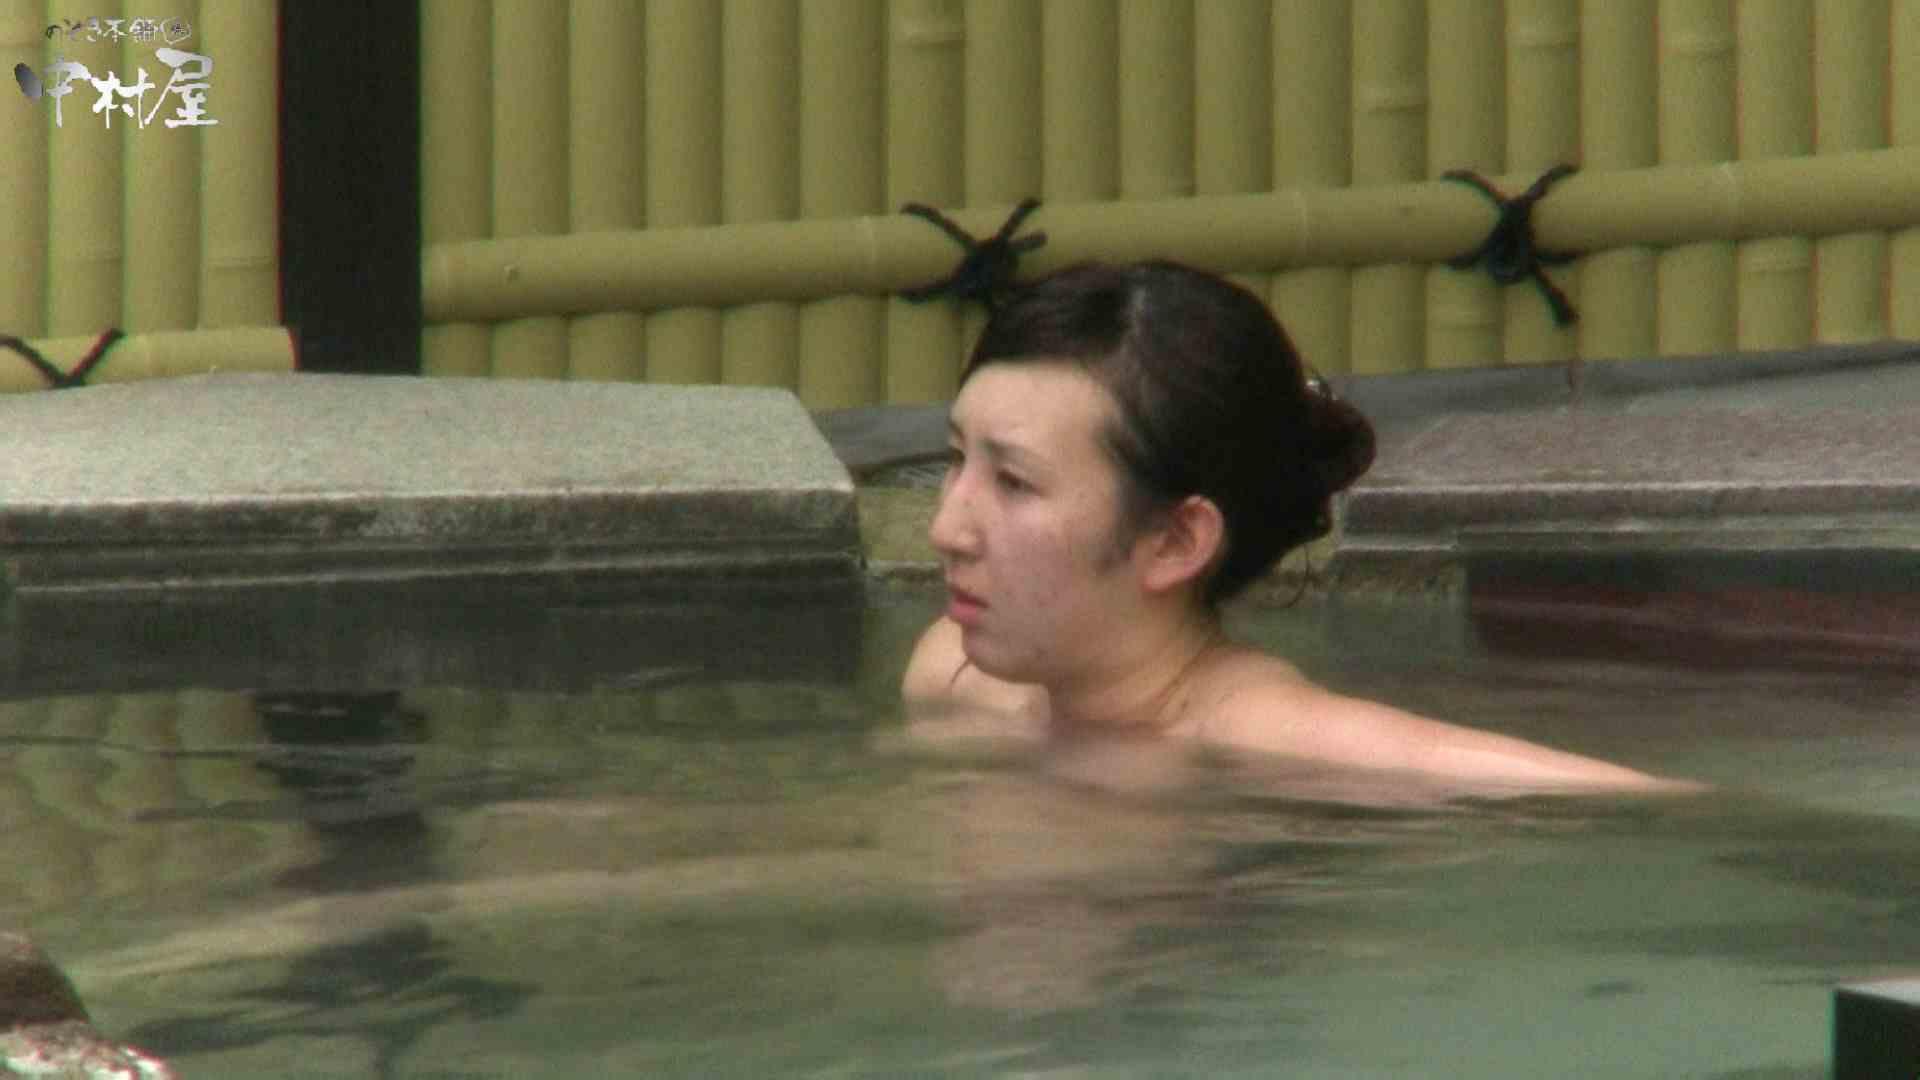 Aquaな露天風呂Vol.948 盗撮師作品 おめこ無修正画像 72pic 8